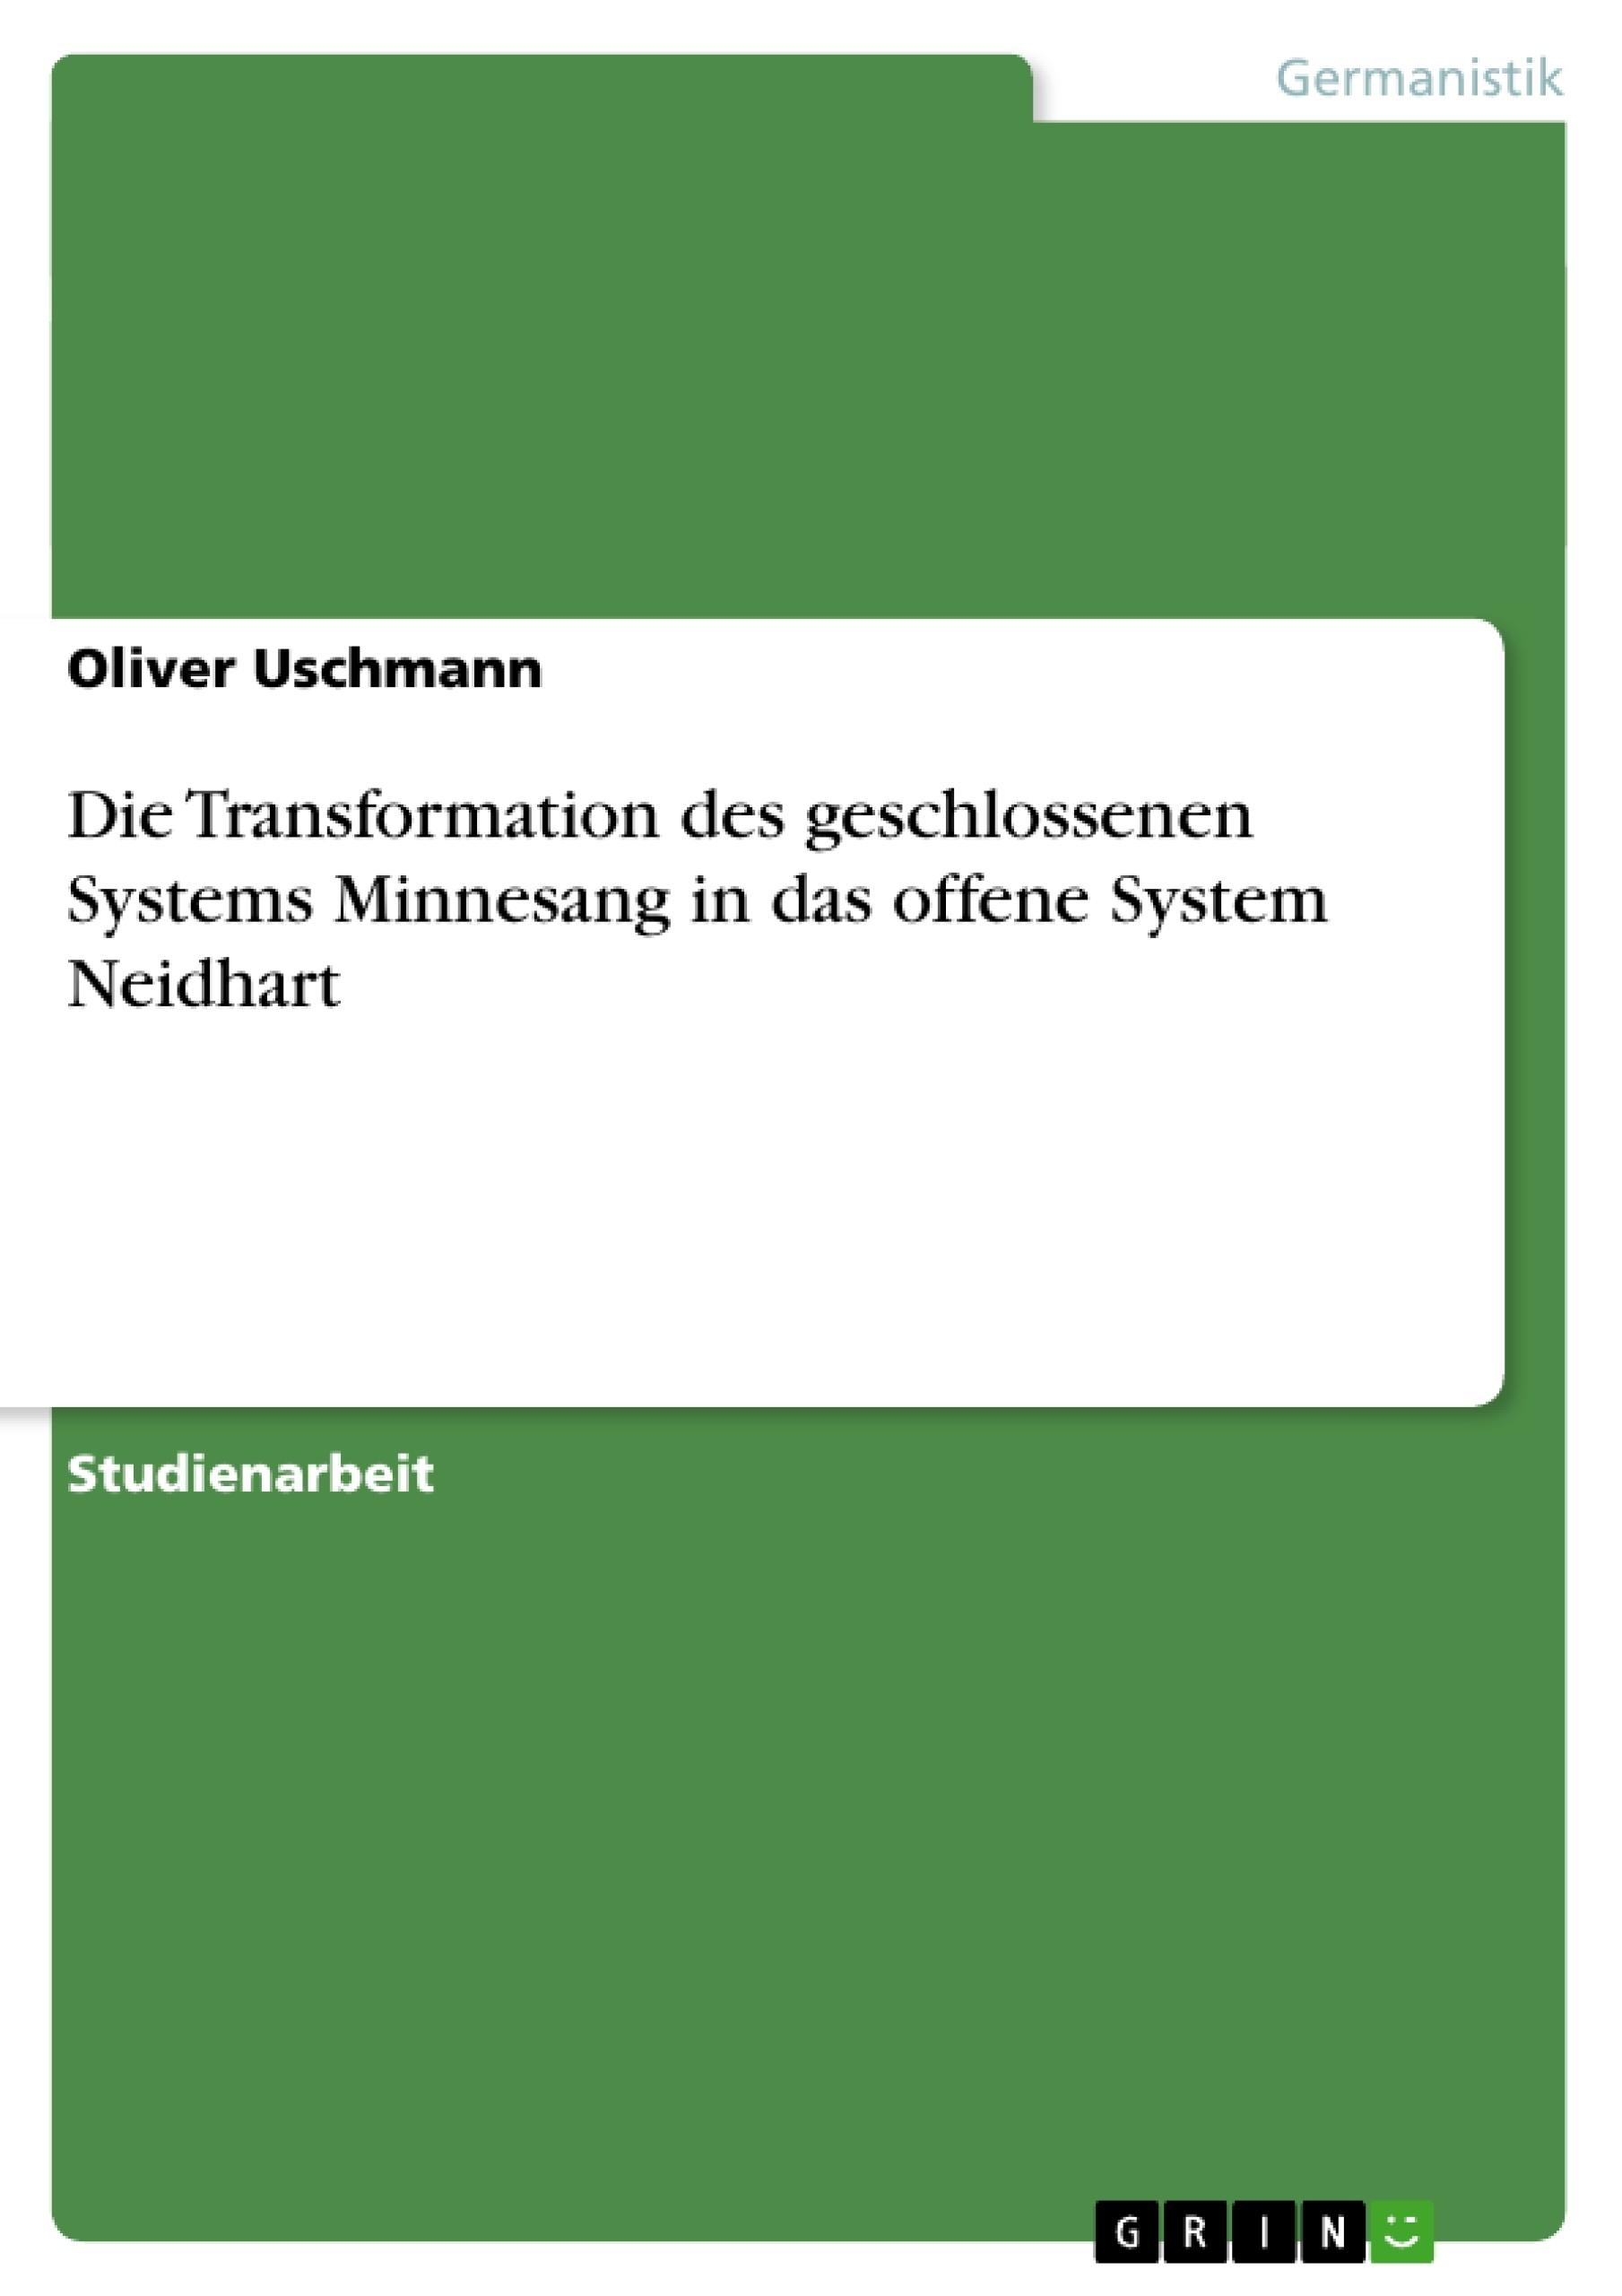 Titel: Die Transformation des geschlossenen Systems Minnesang in das offene System Neidhart